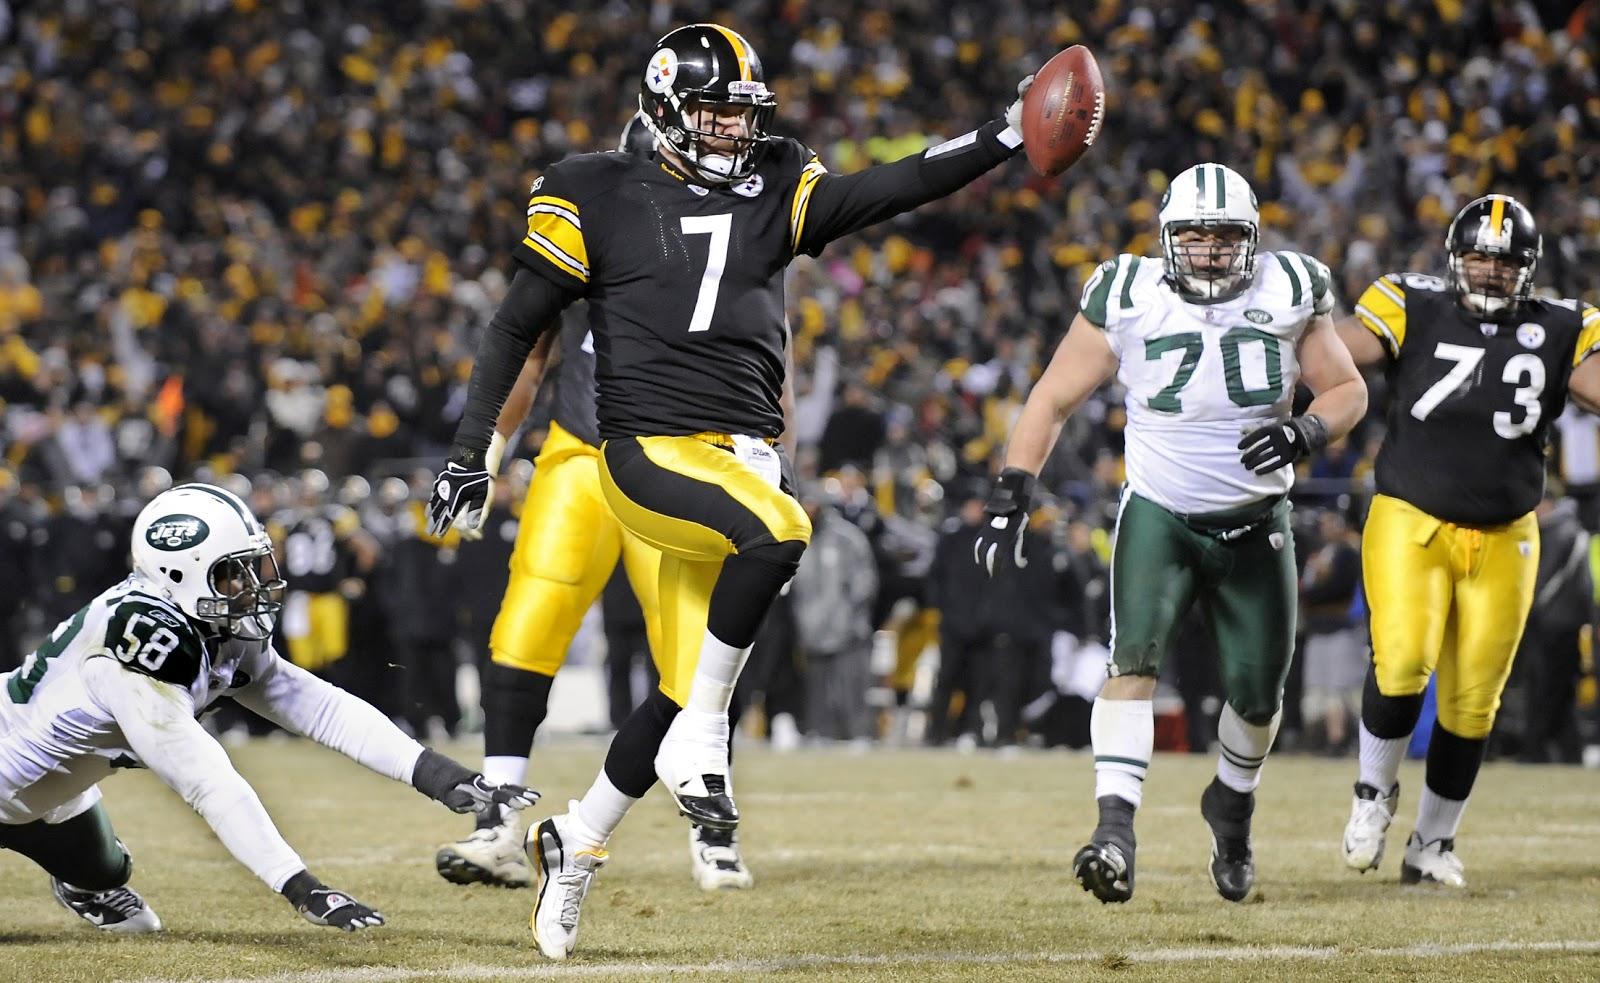 Aqui Big Ben correndo para um dos touchdowns marcados pelo Pittsburgh Steelers na final de Conferência da AFC contra o New York Jets  Foto: Pittsburgh Post-Gazette